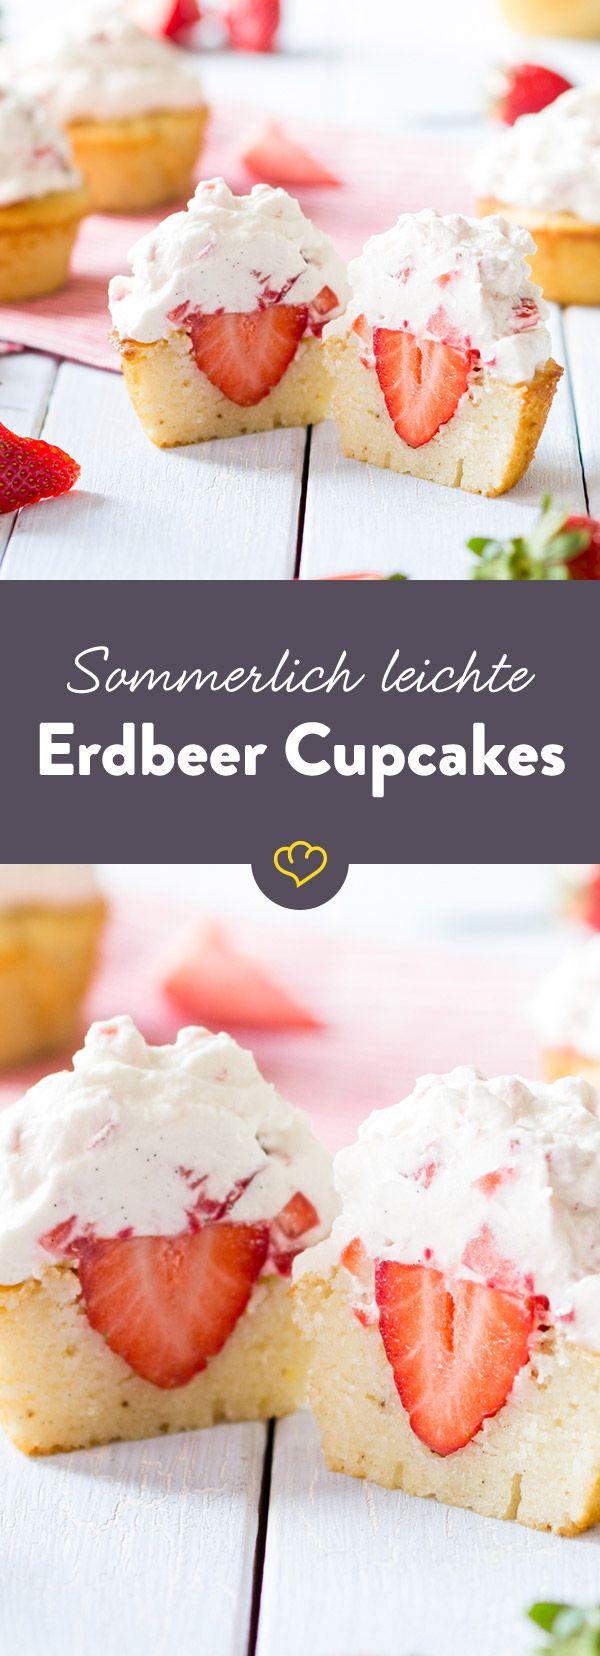 Sommerzeit, Erdbeerzeit: Leichte Erdbeer-Cupcakes